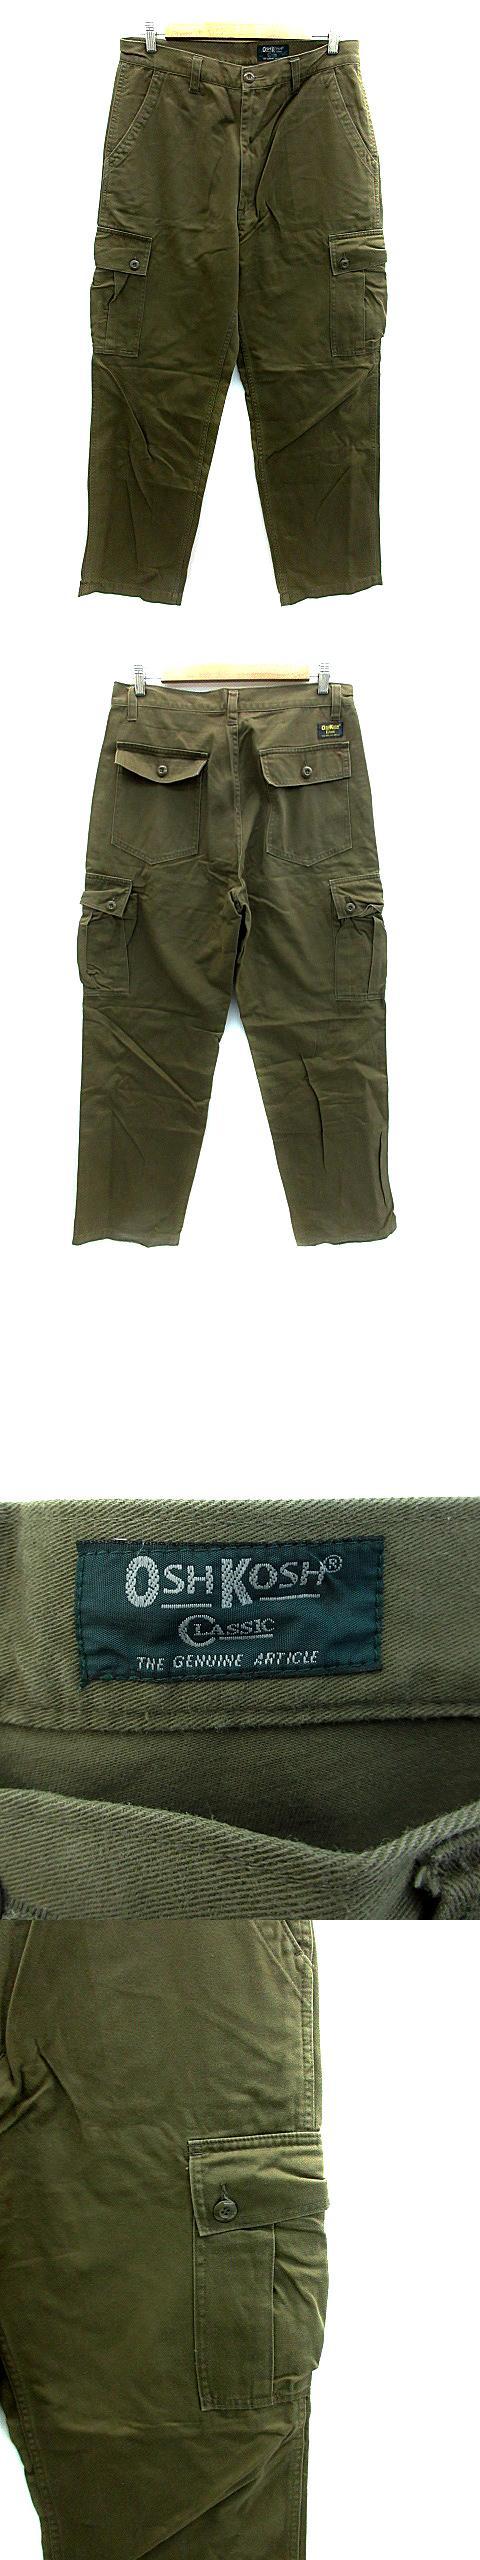 CLASSIC パンツ カーゴ ワーク ミリタリー ベイカー テーパード ロング 大きいサイズ XL カーキ /NS27